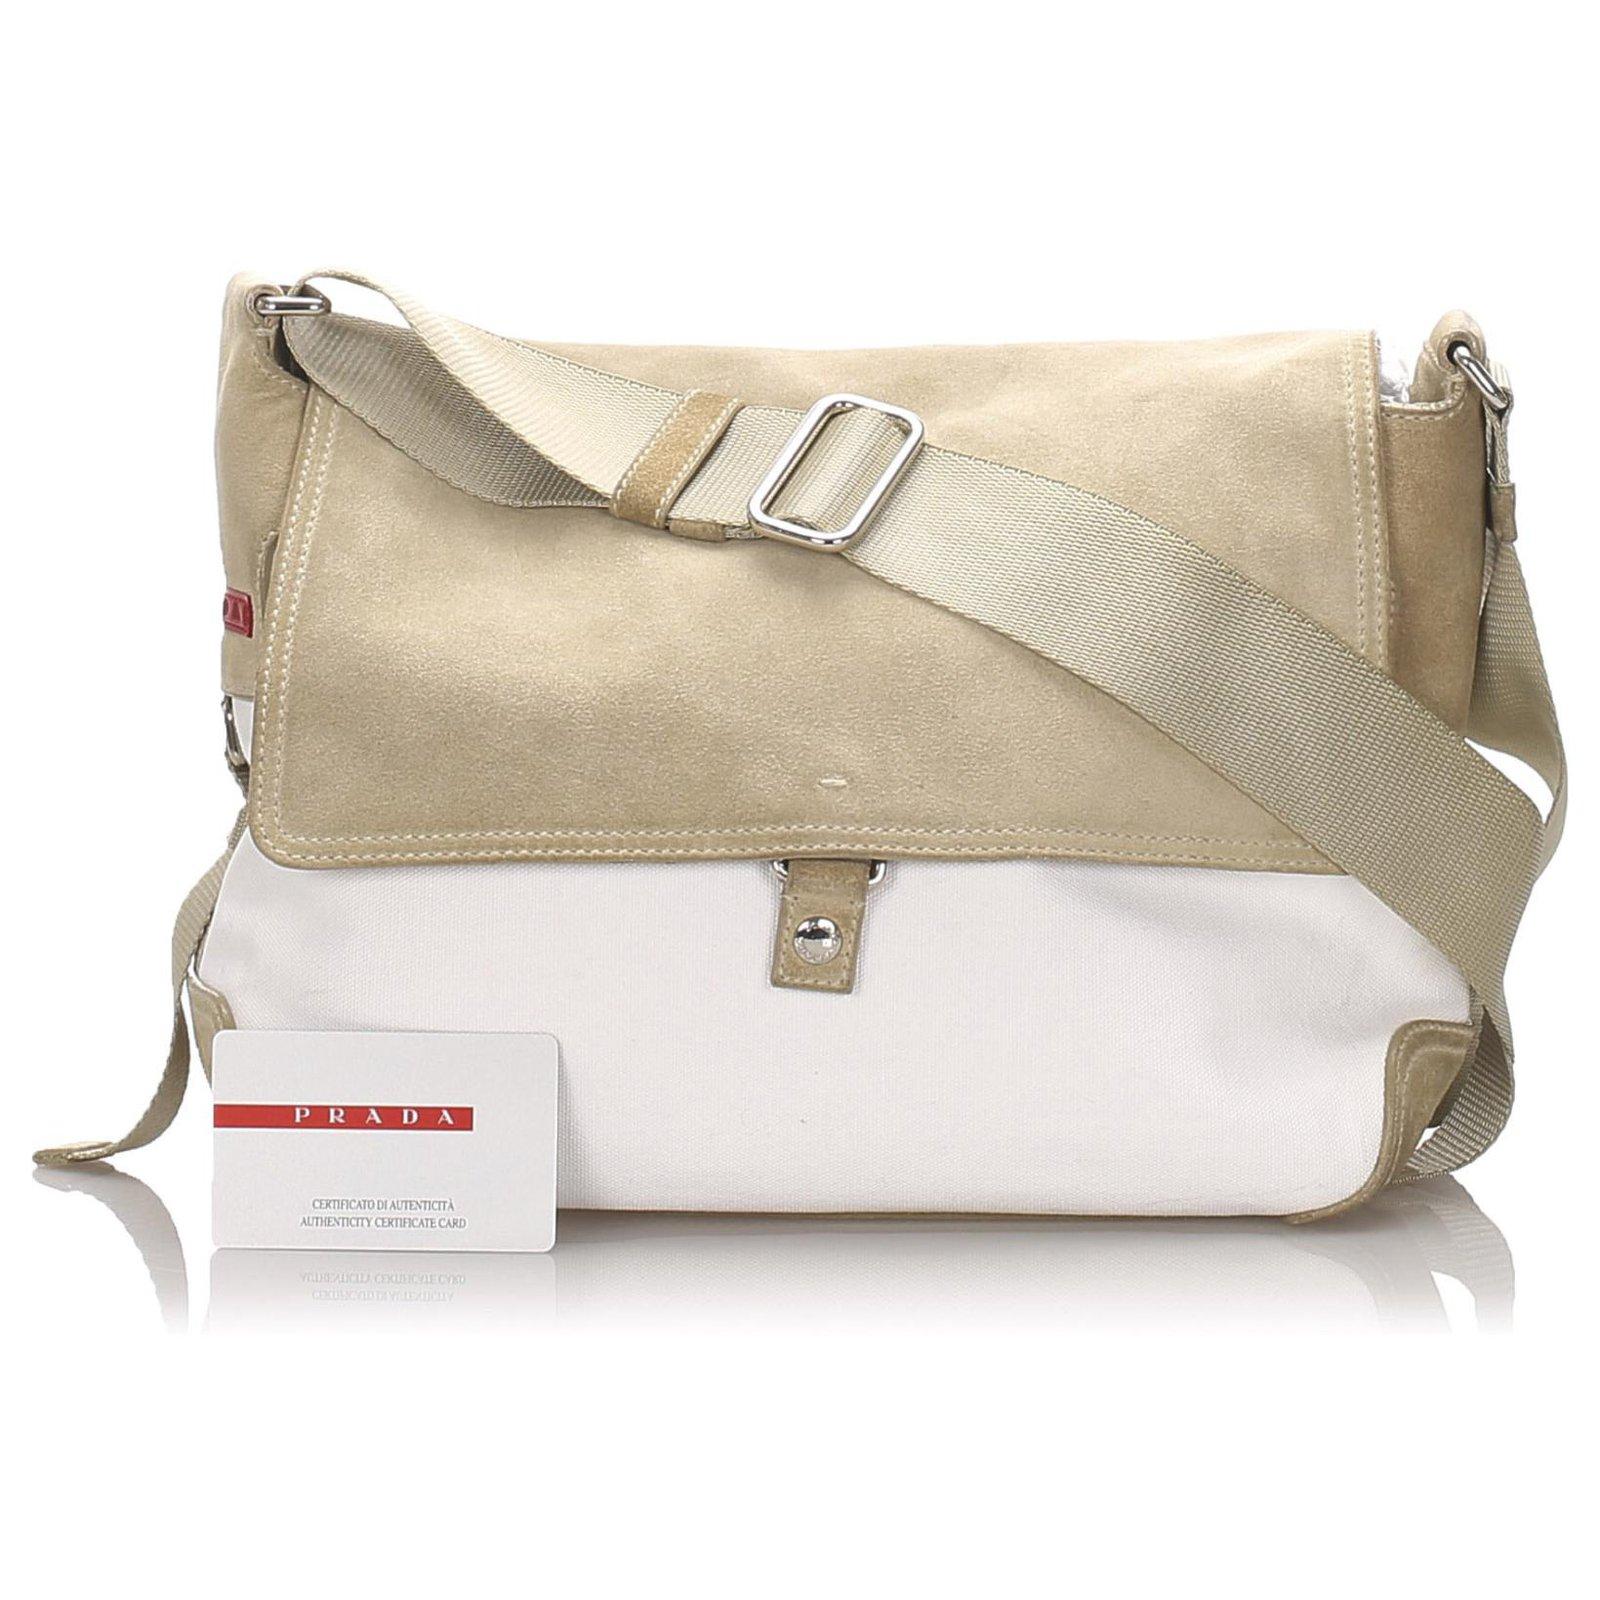 Prada White Canvas Crossbody Bag